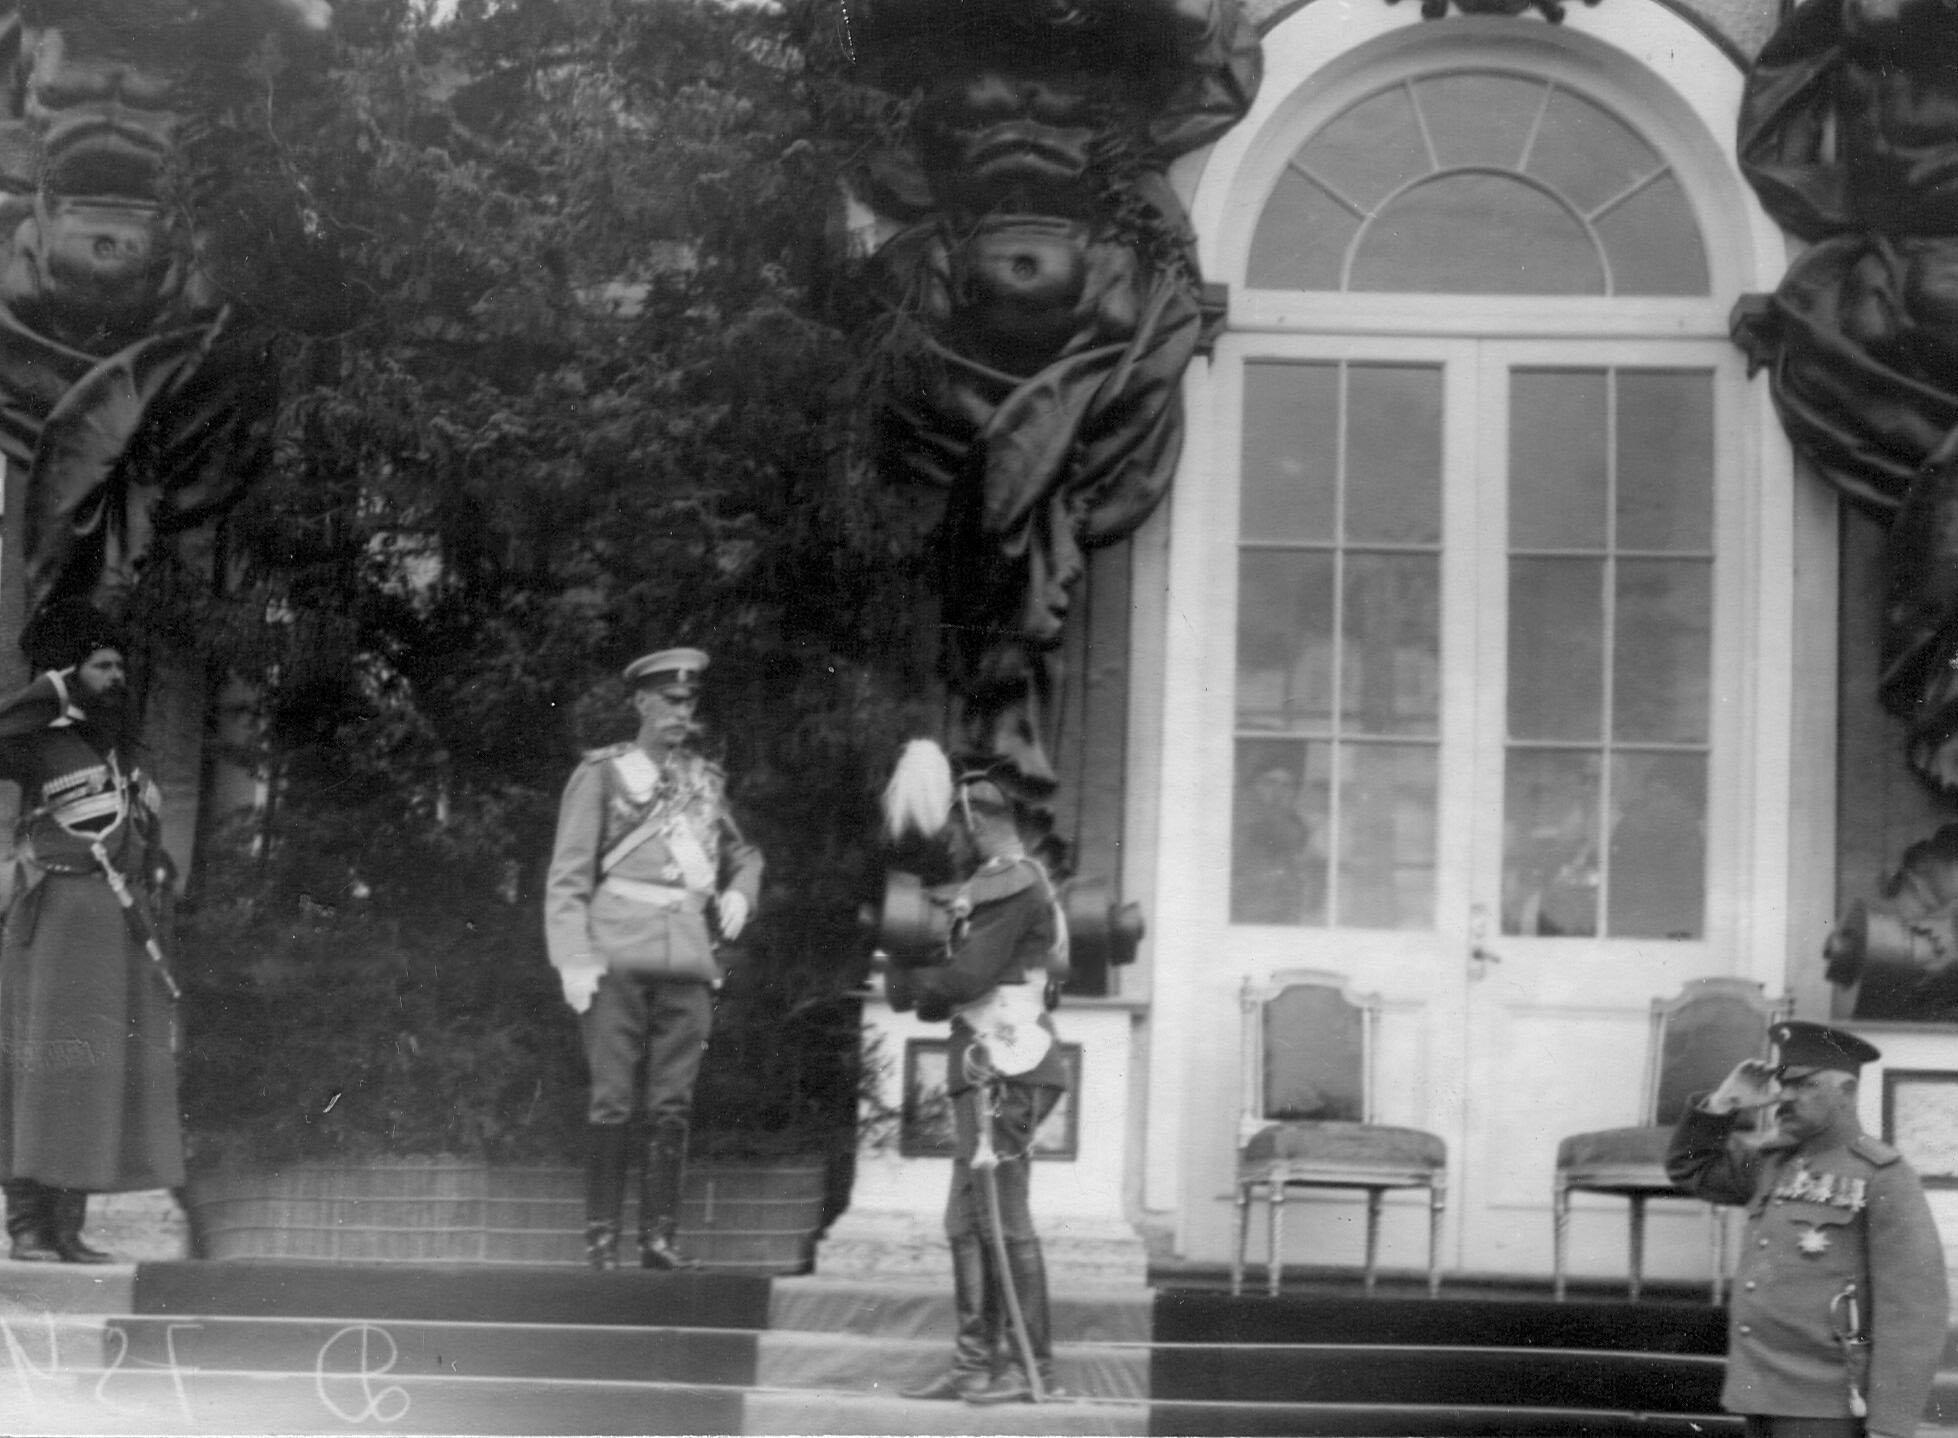 Император Николай II, министр двора В.Б.Фредерикс во время парада Уланского Её Величества лейб-гвардии полка у Екатерининского дворца